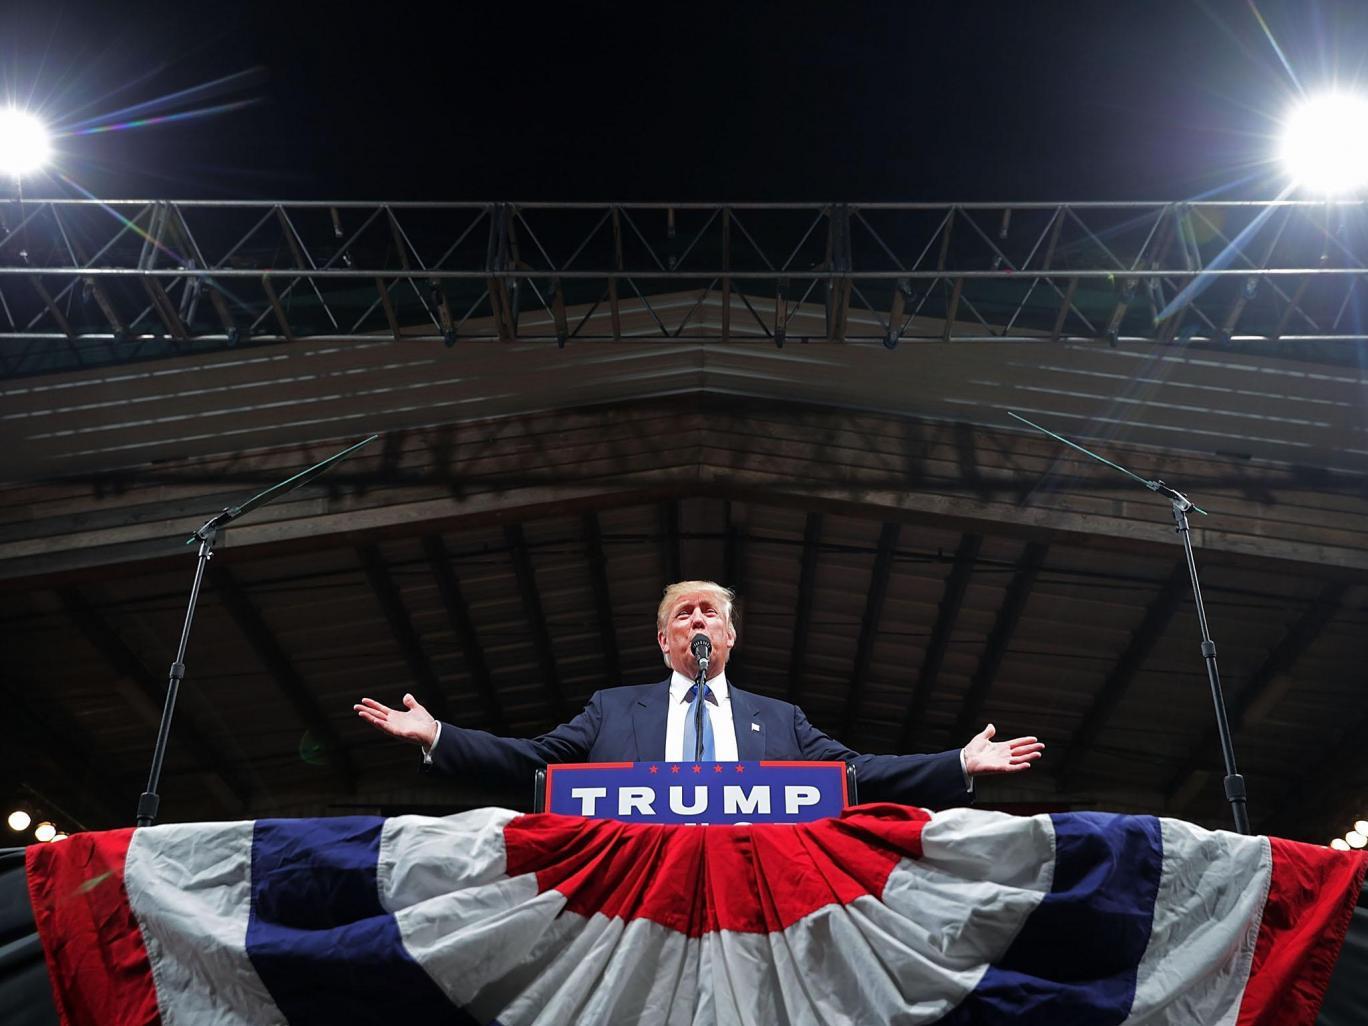 Букмекеры считают, что Трамп недолго продержится на посту президента. Фото: independent.co.uk